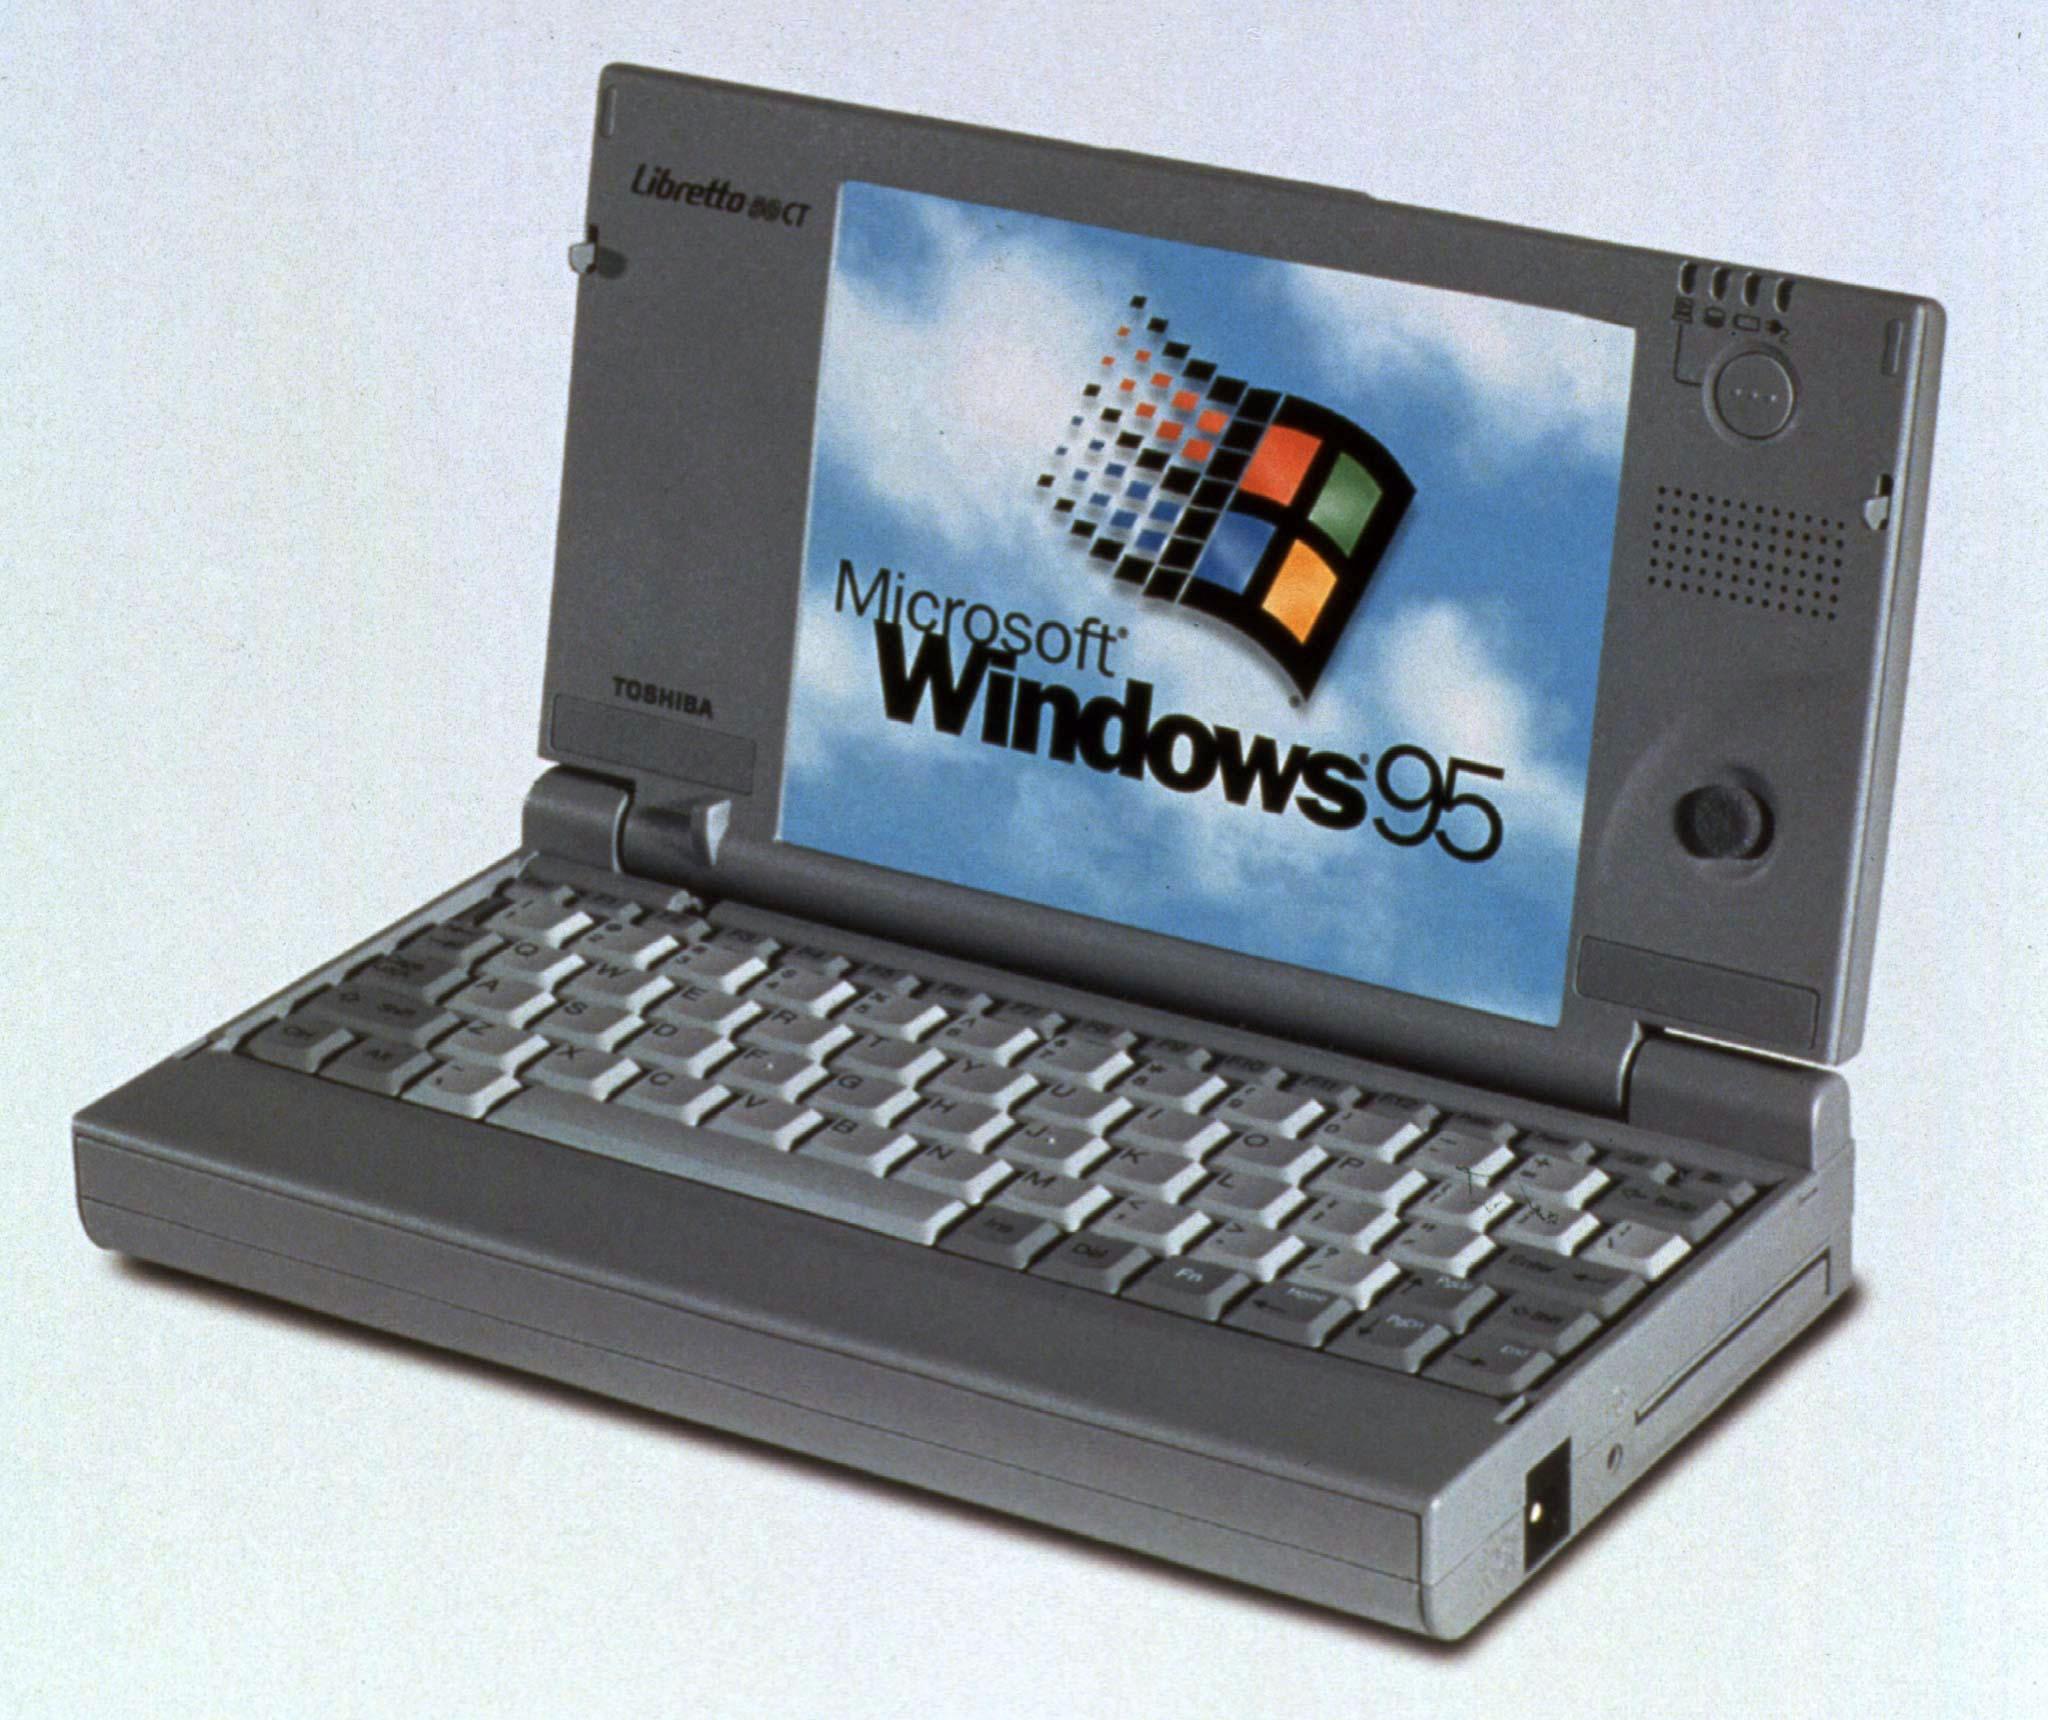 Si ralentizas el sonido de inicio de Windows 95 parece música celestial